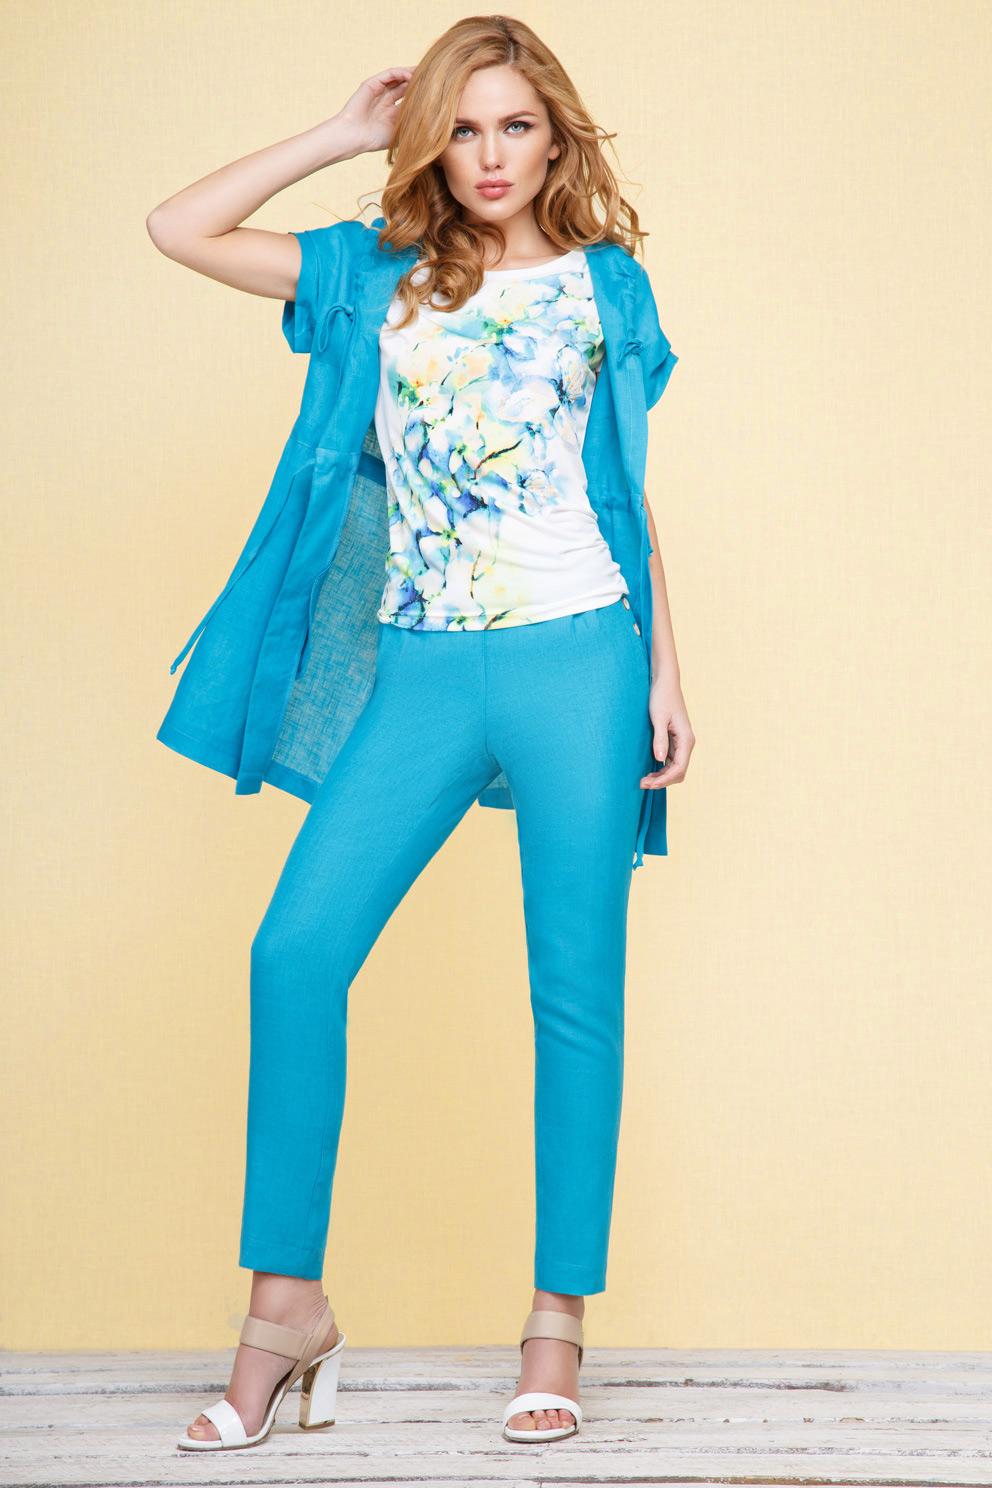 Сбор заказов. Отличная распродажа!!! Романтичная, натуральная, всегда красивая белорусская Lеntа.Чувственная, нежная, женственная, сводящая с ума-56!!! Очень низкие цены на брюки,юбки,блузы!!! Новинки!!!